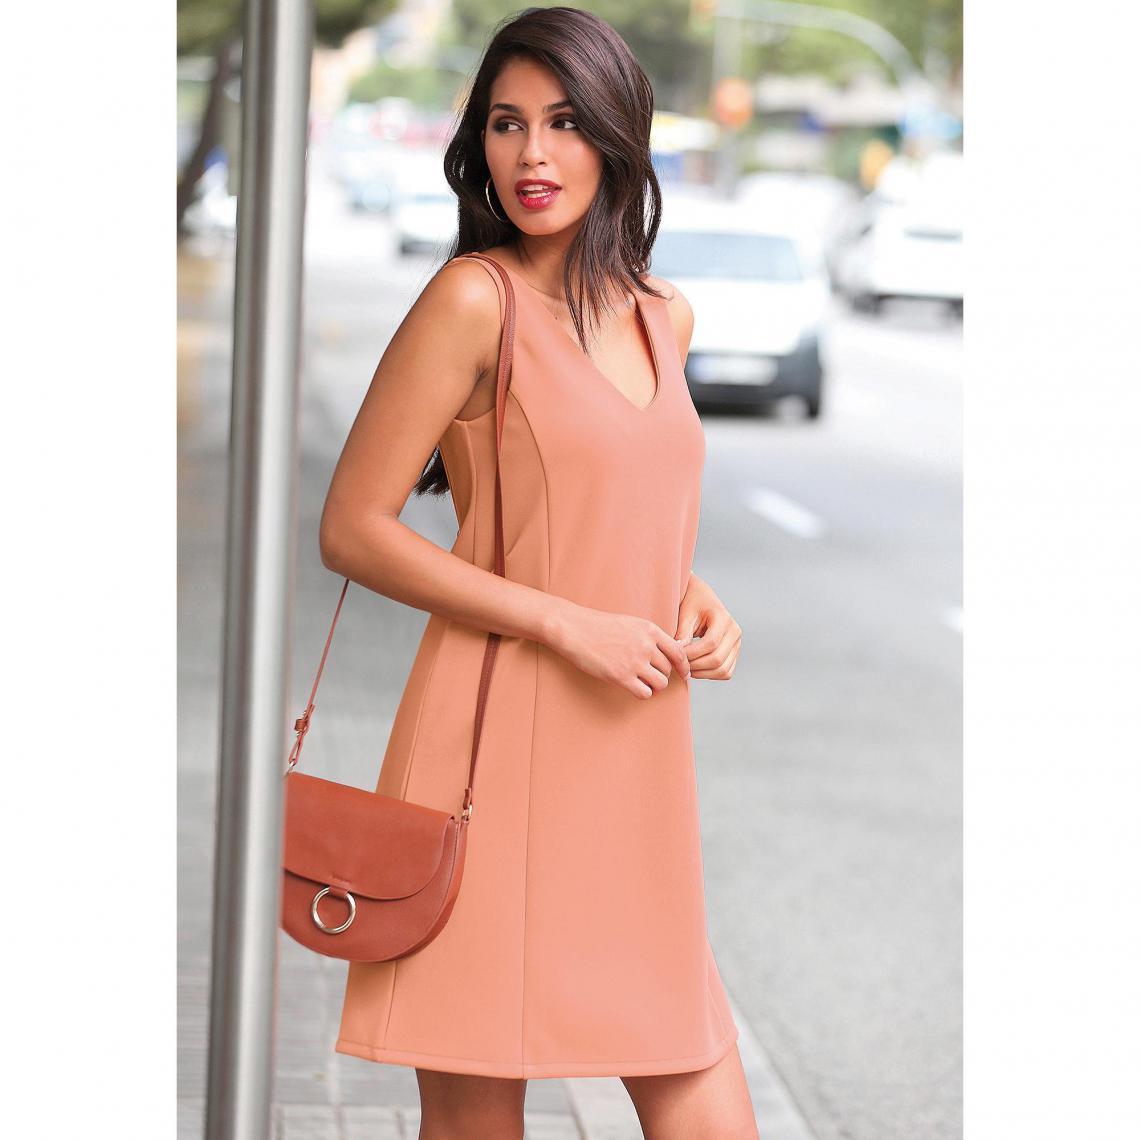 Robe courte femme - Orange - 3 SUISSES - Modalova